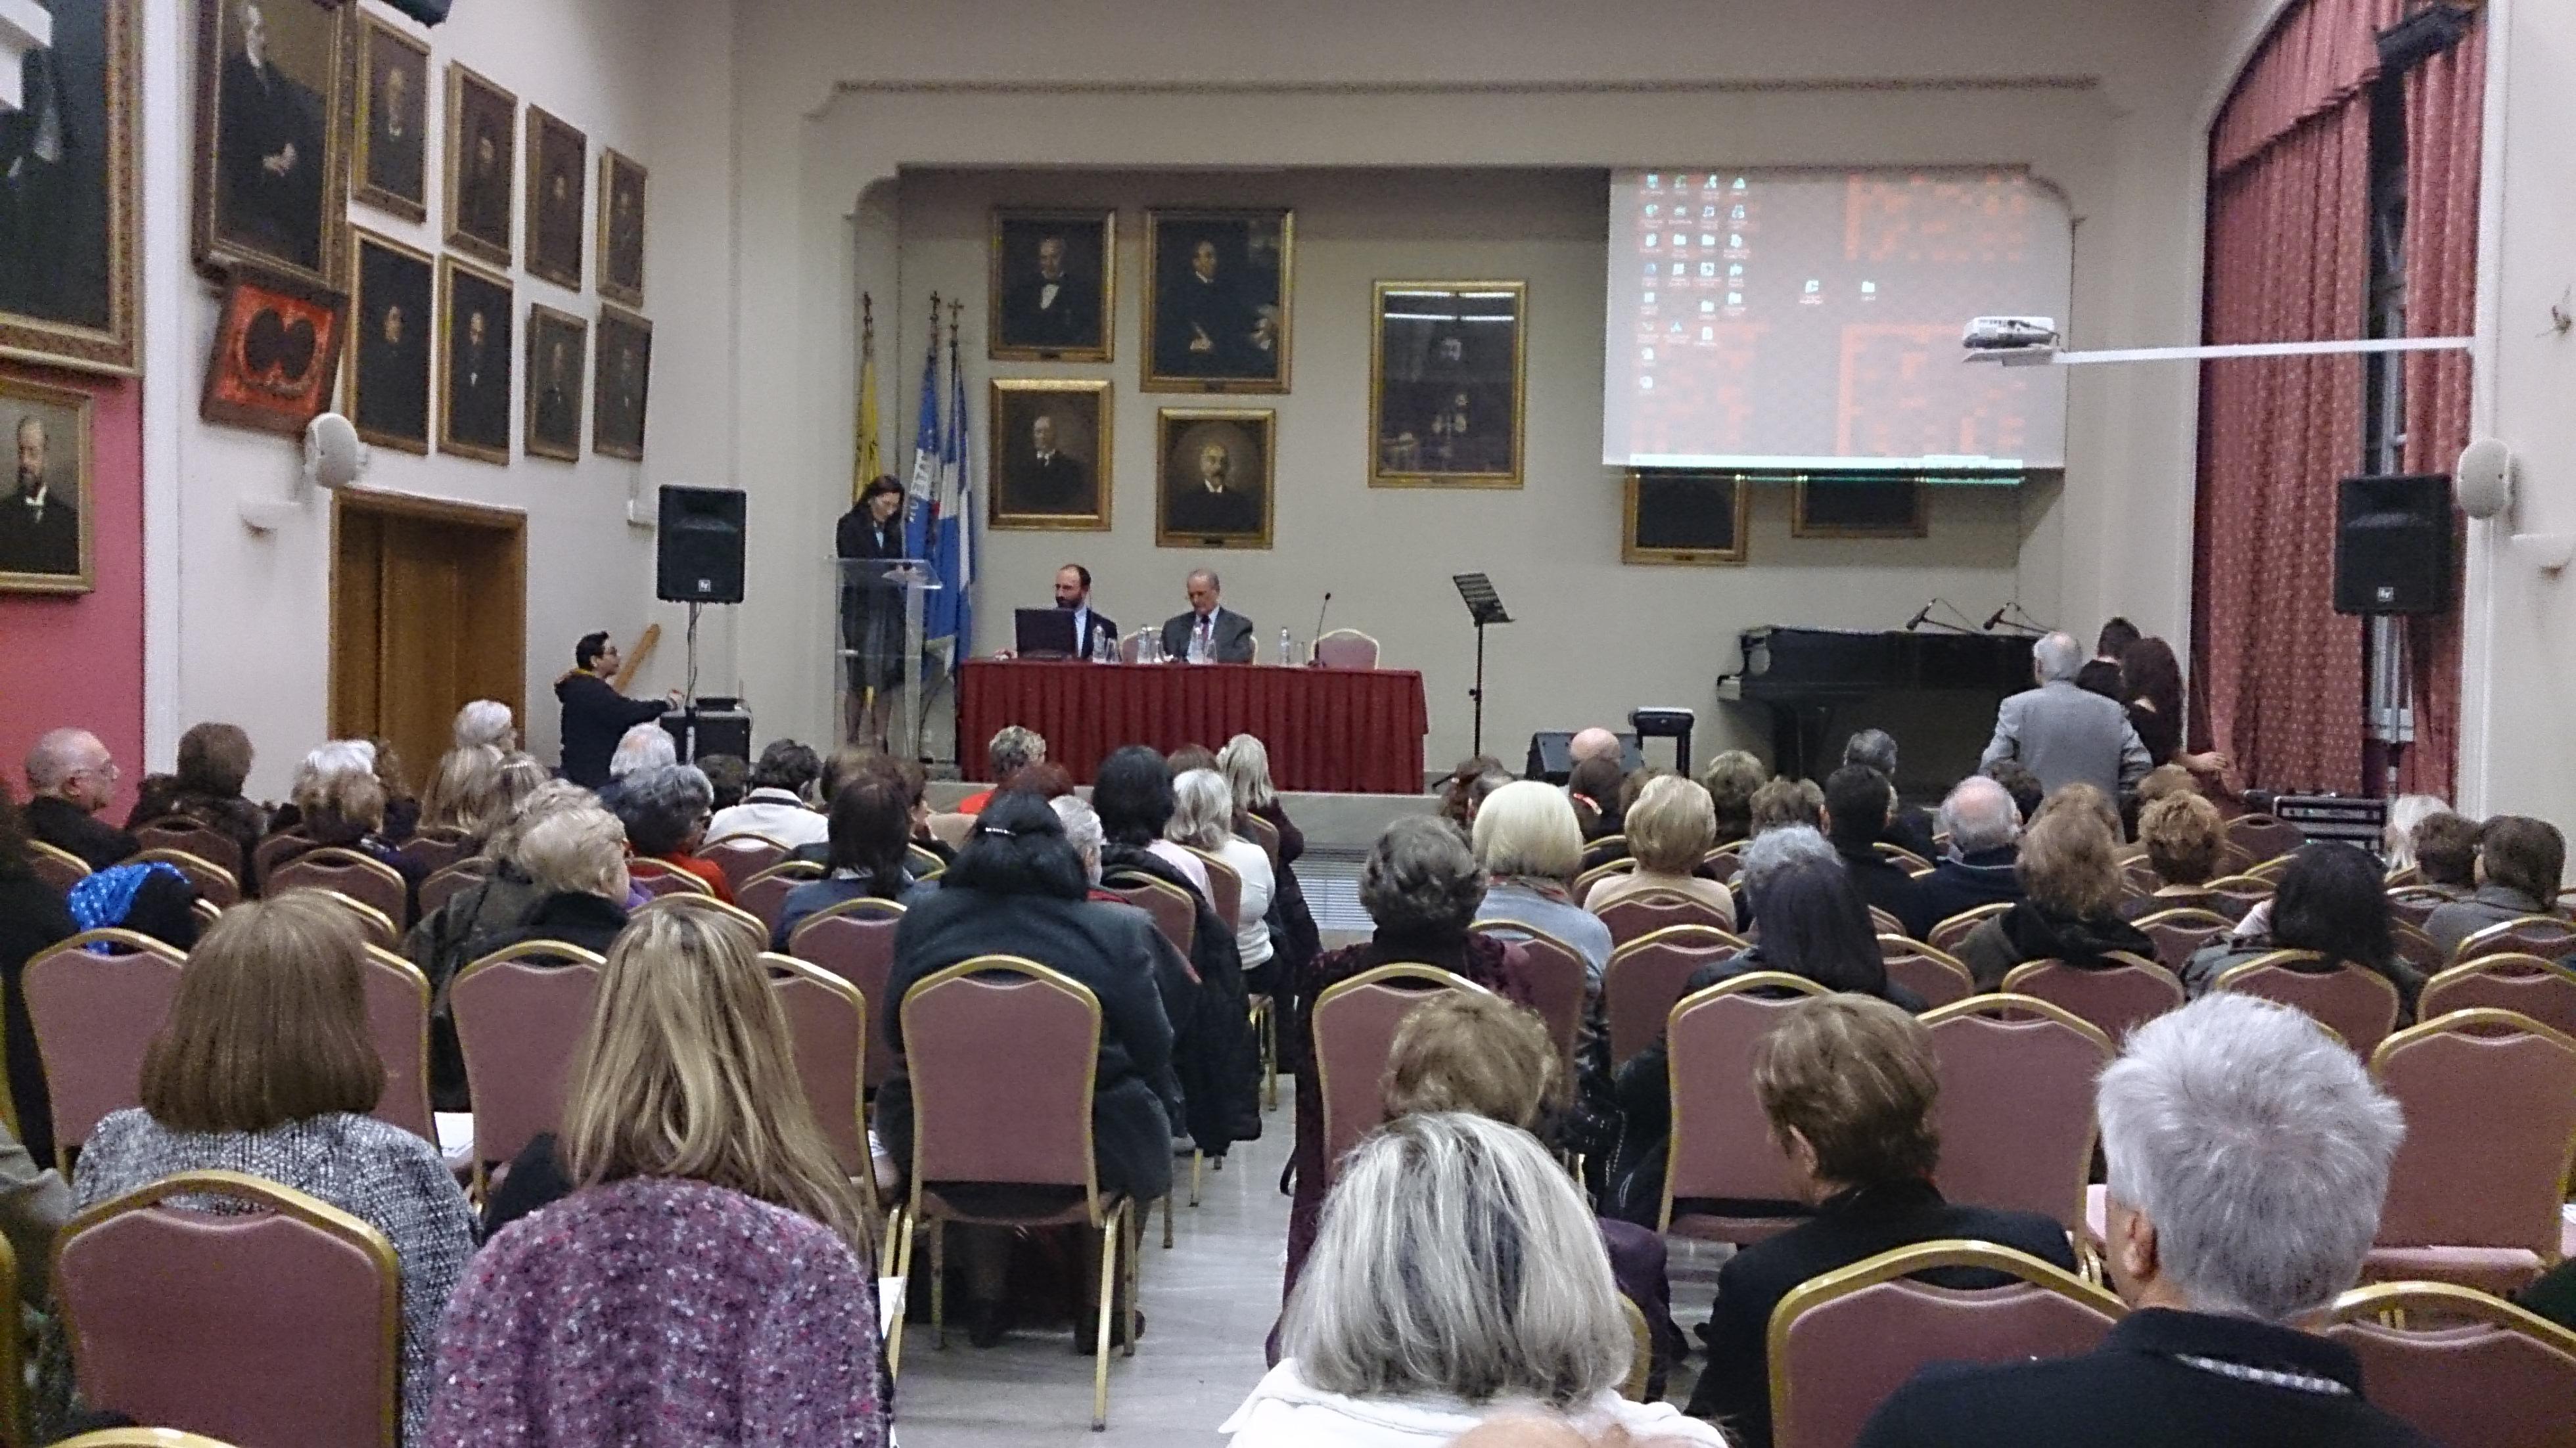 Η Γ,Γ, του Συλλόγου παρουσιάζει τους ομιλητές κ.κ. Αναπνιώτη και Αρβανιτόπουλο